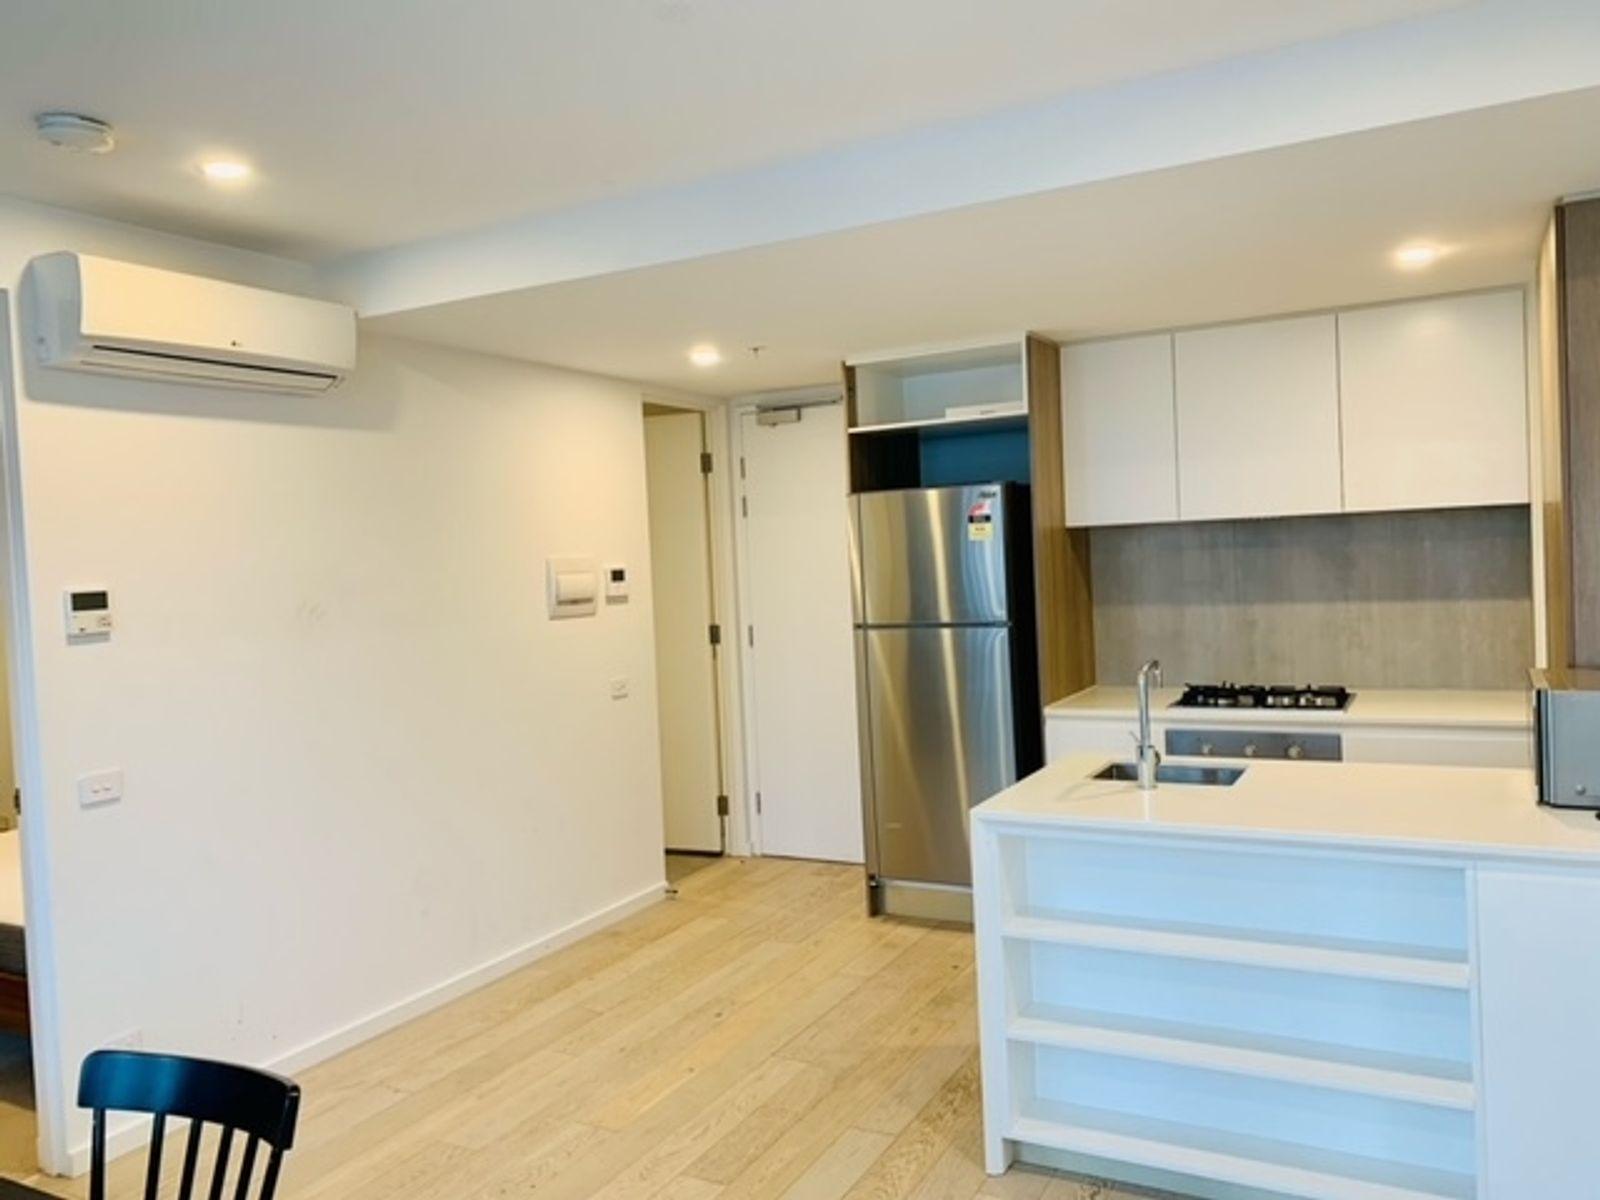 Level 18/60 A'beckett Street, Melbourne, VIC 3000